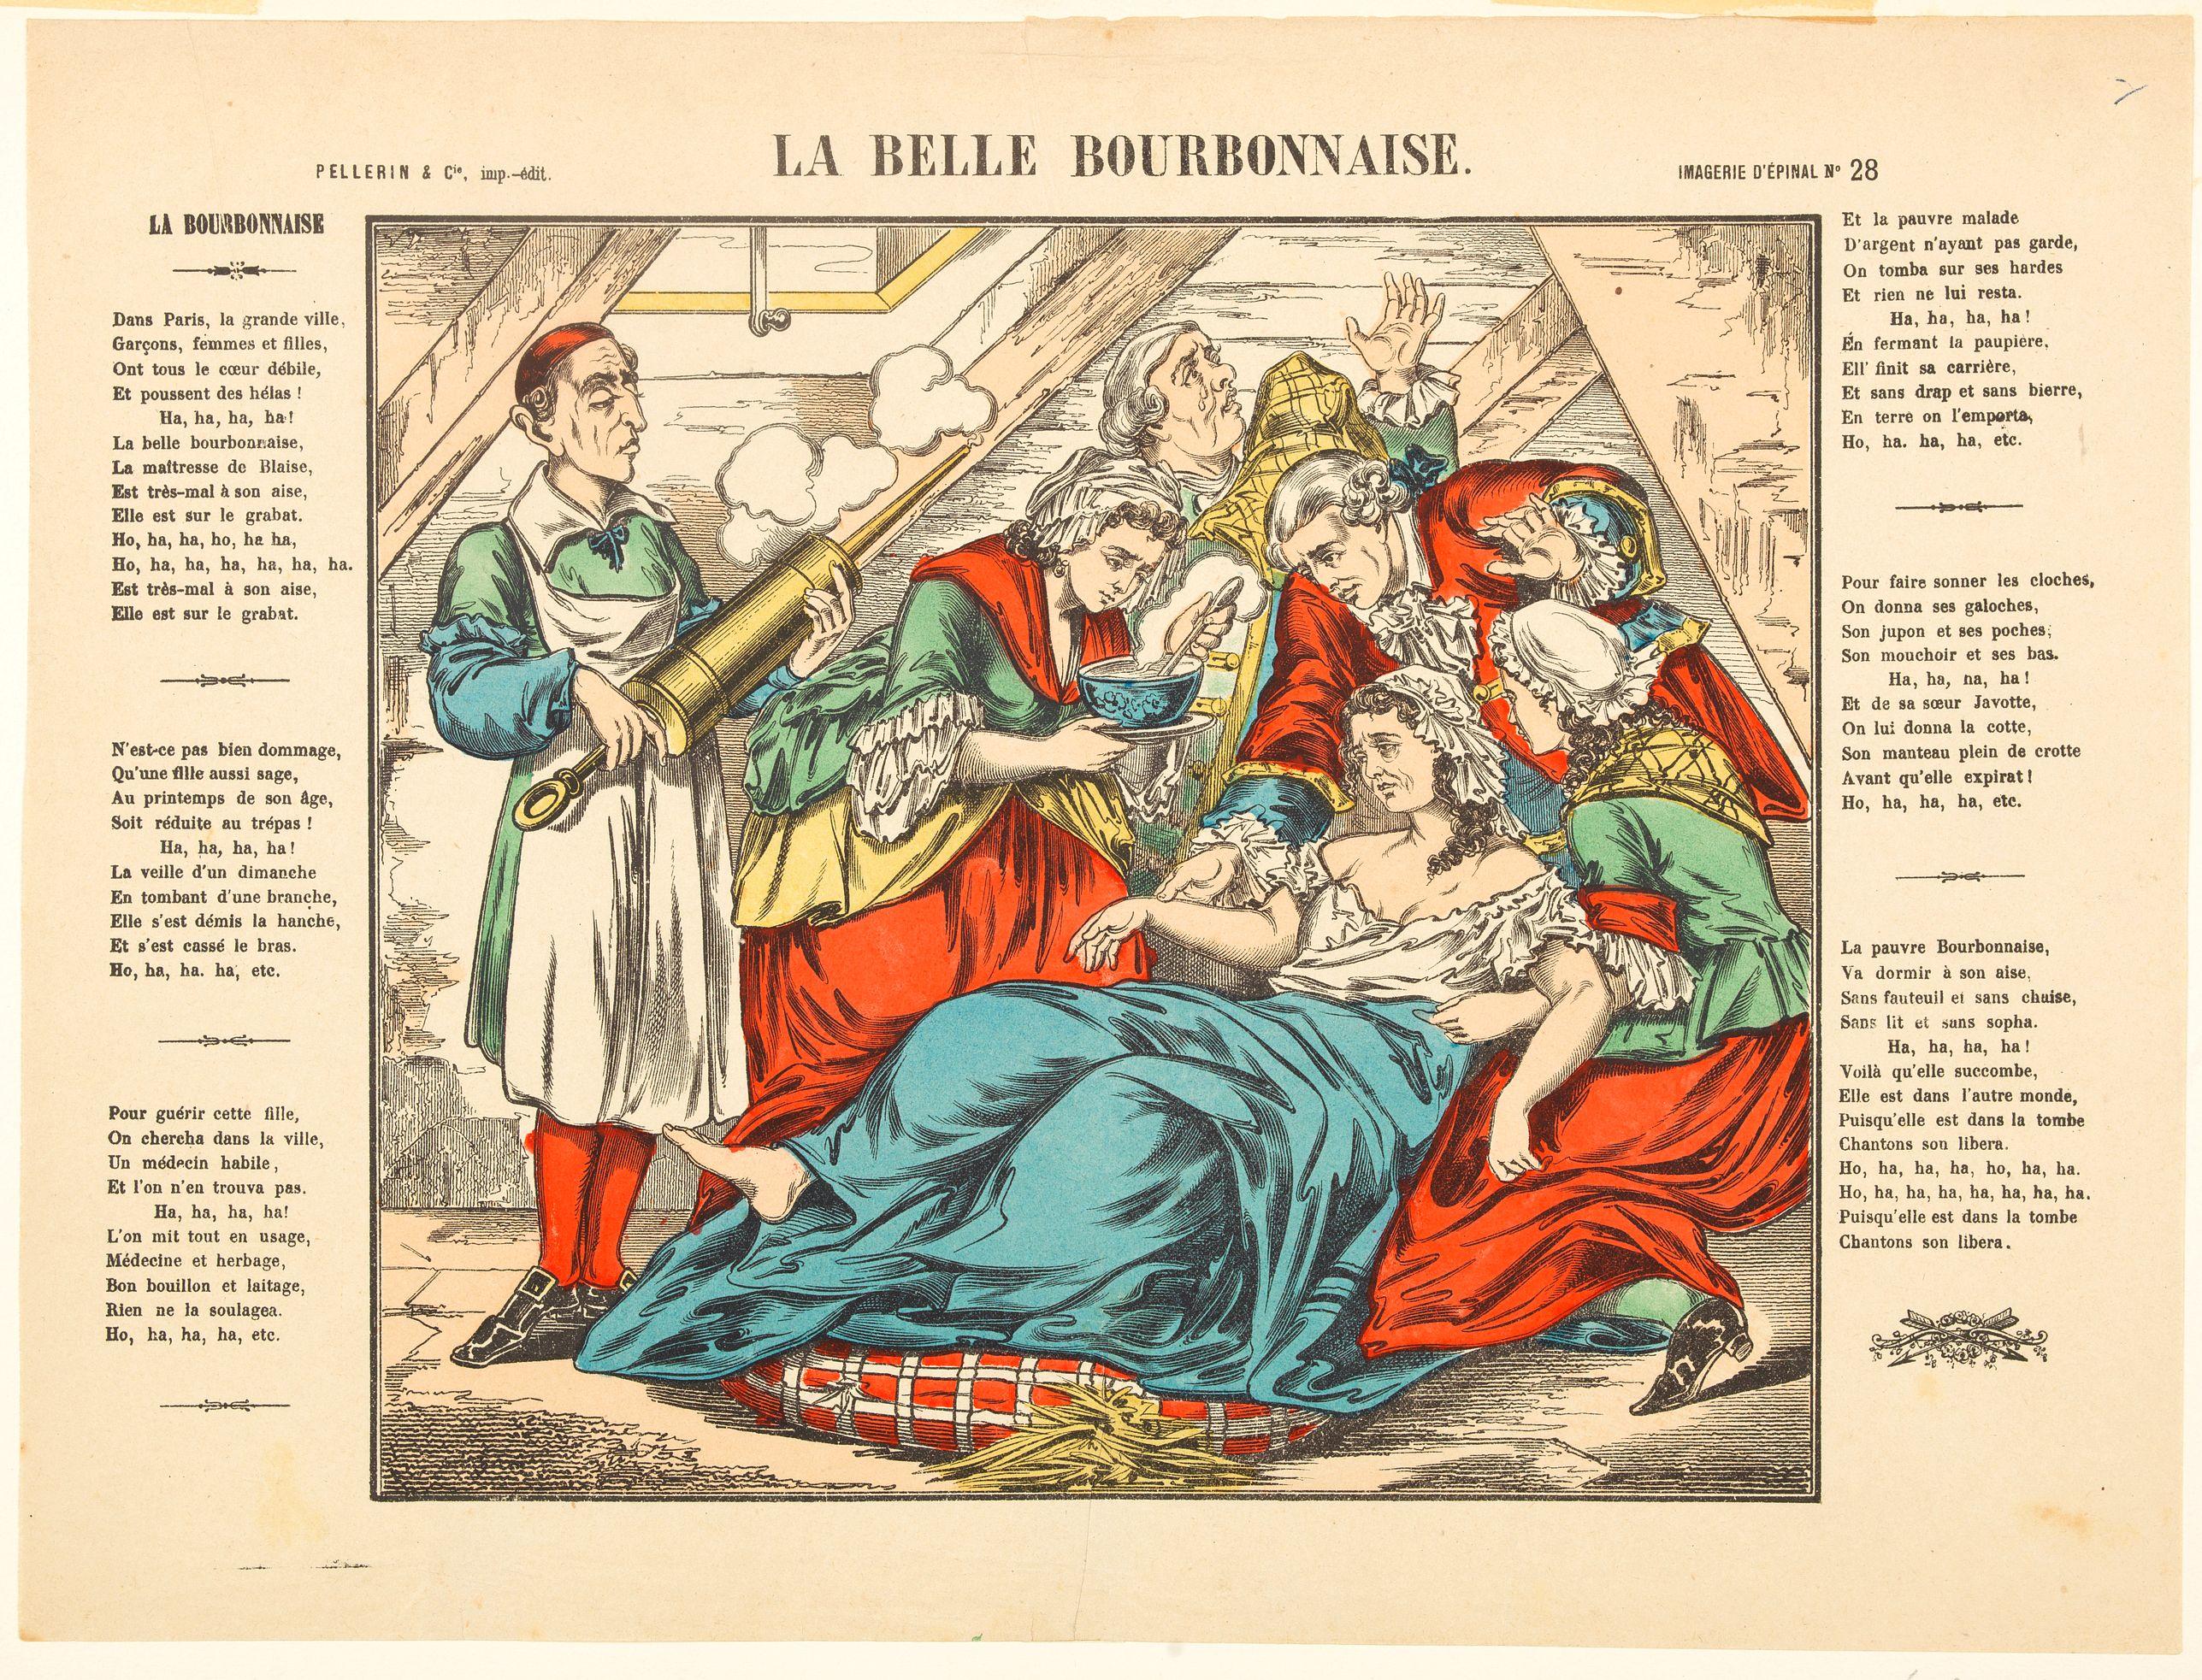 PELLERIN & CO. -   La Belle Bourbonnaise.